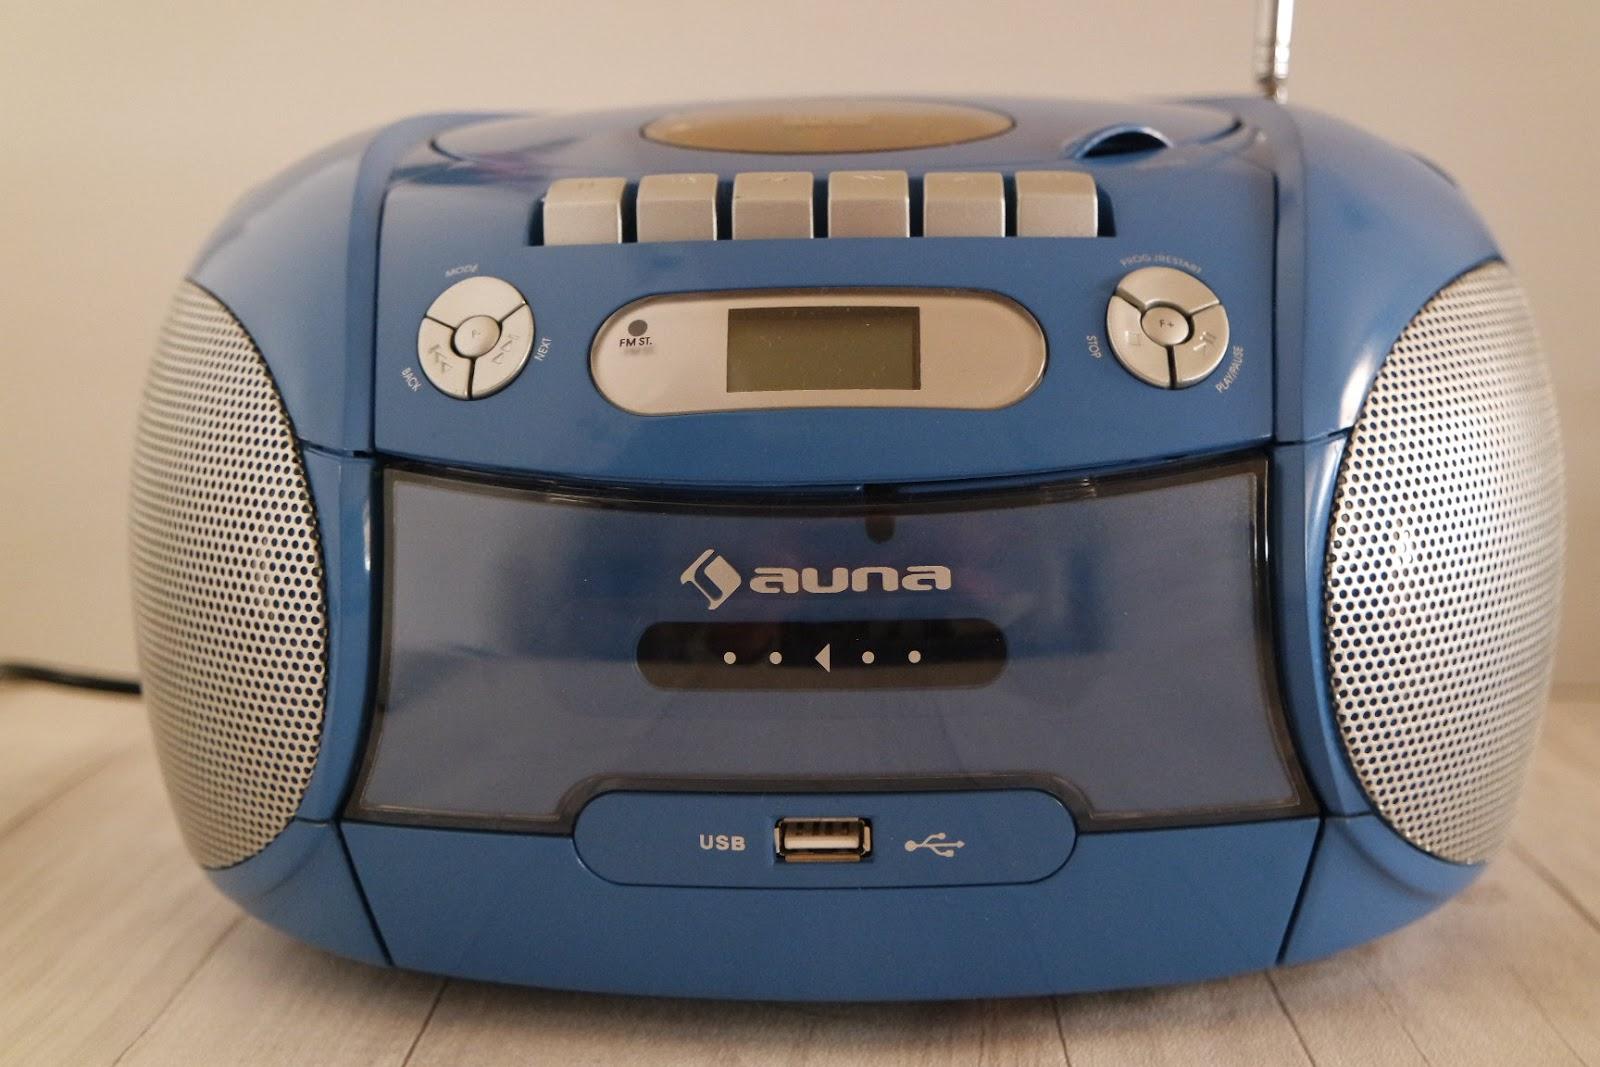 Boombox MP3-Player für Kinder als Geschenk Tipp - Filine bloggt